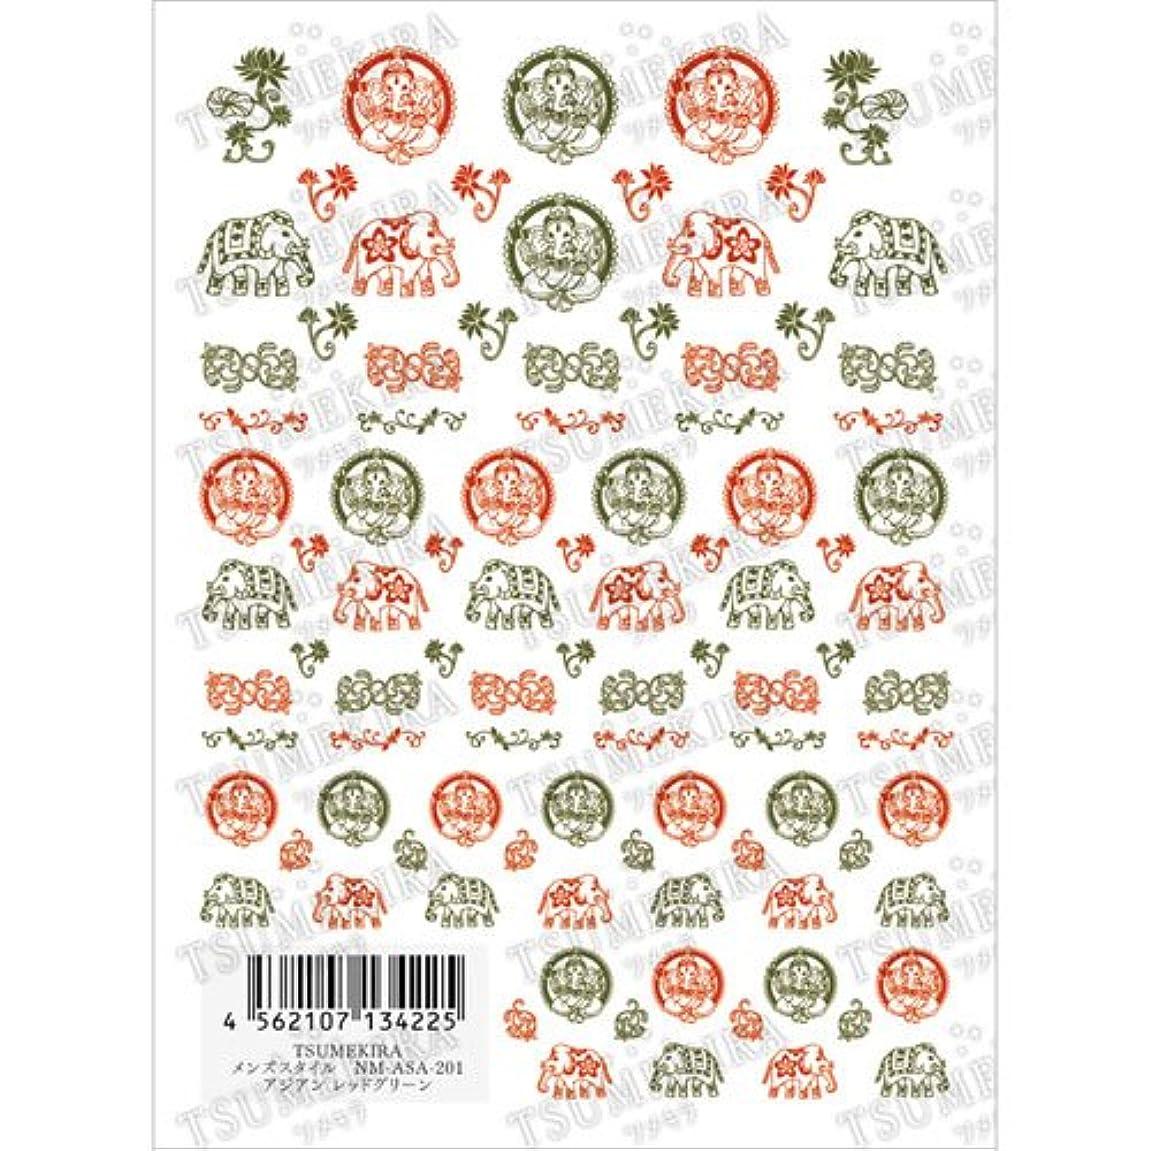 ゴシップ体現するふつうツメキラ ネイル用シール メンズスタイル アジアン レッドグリーン